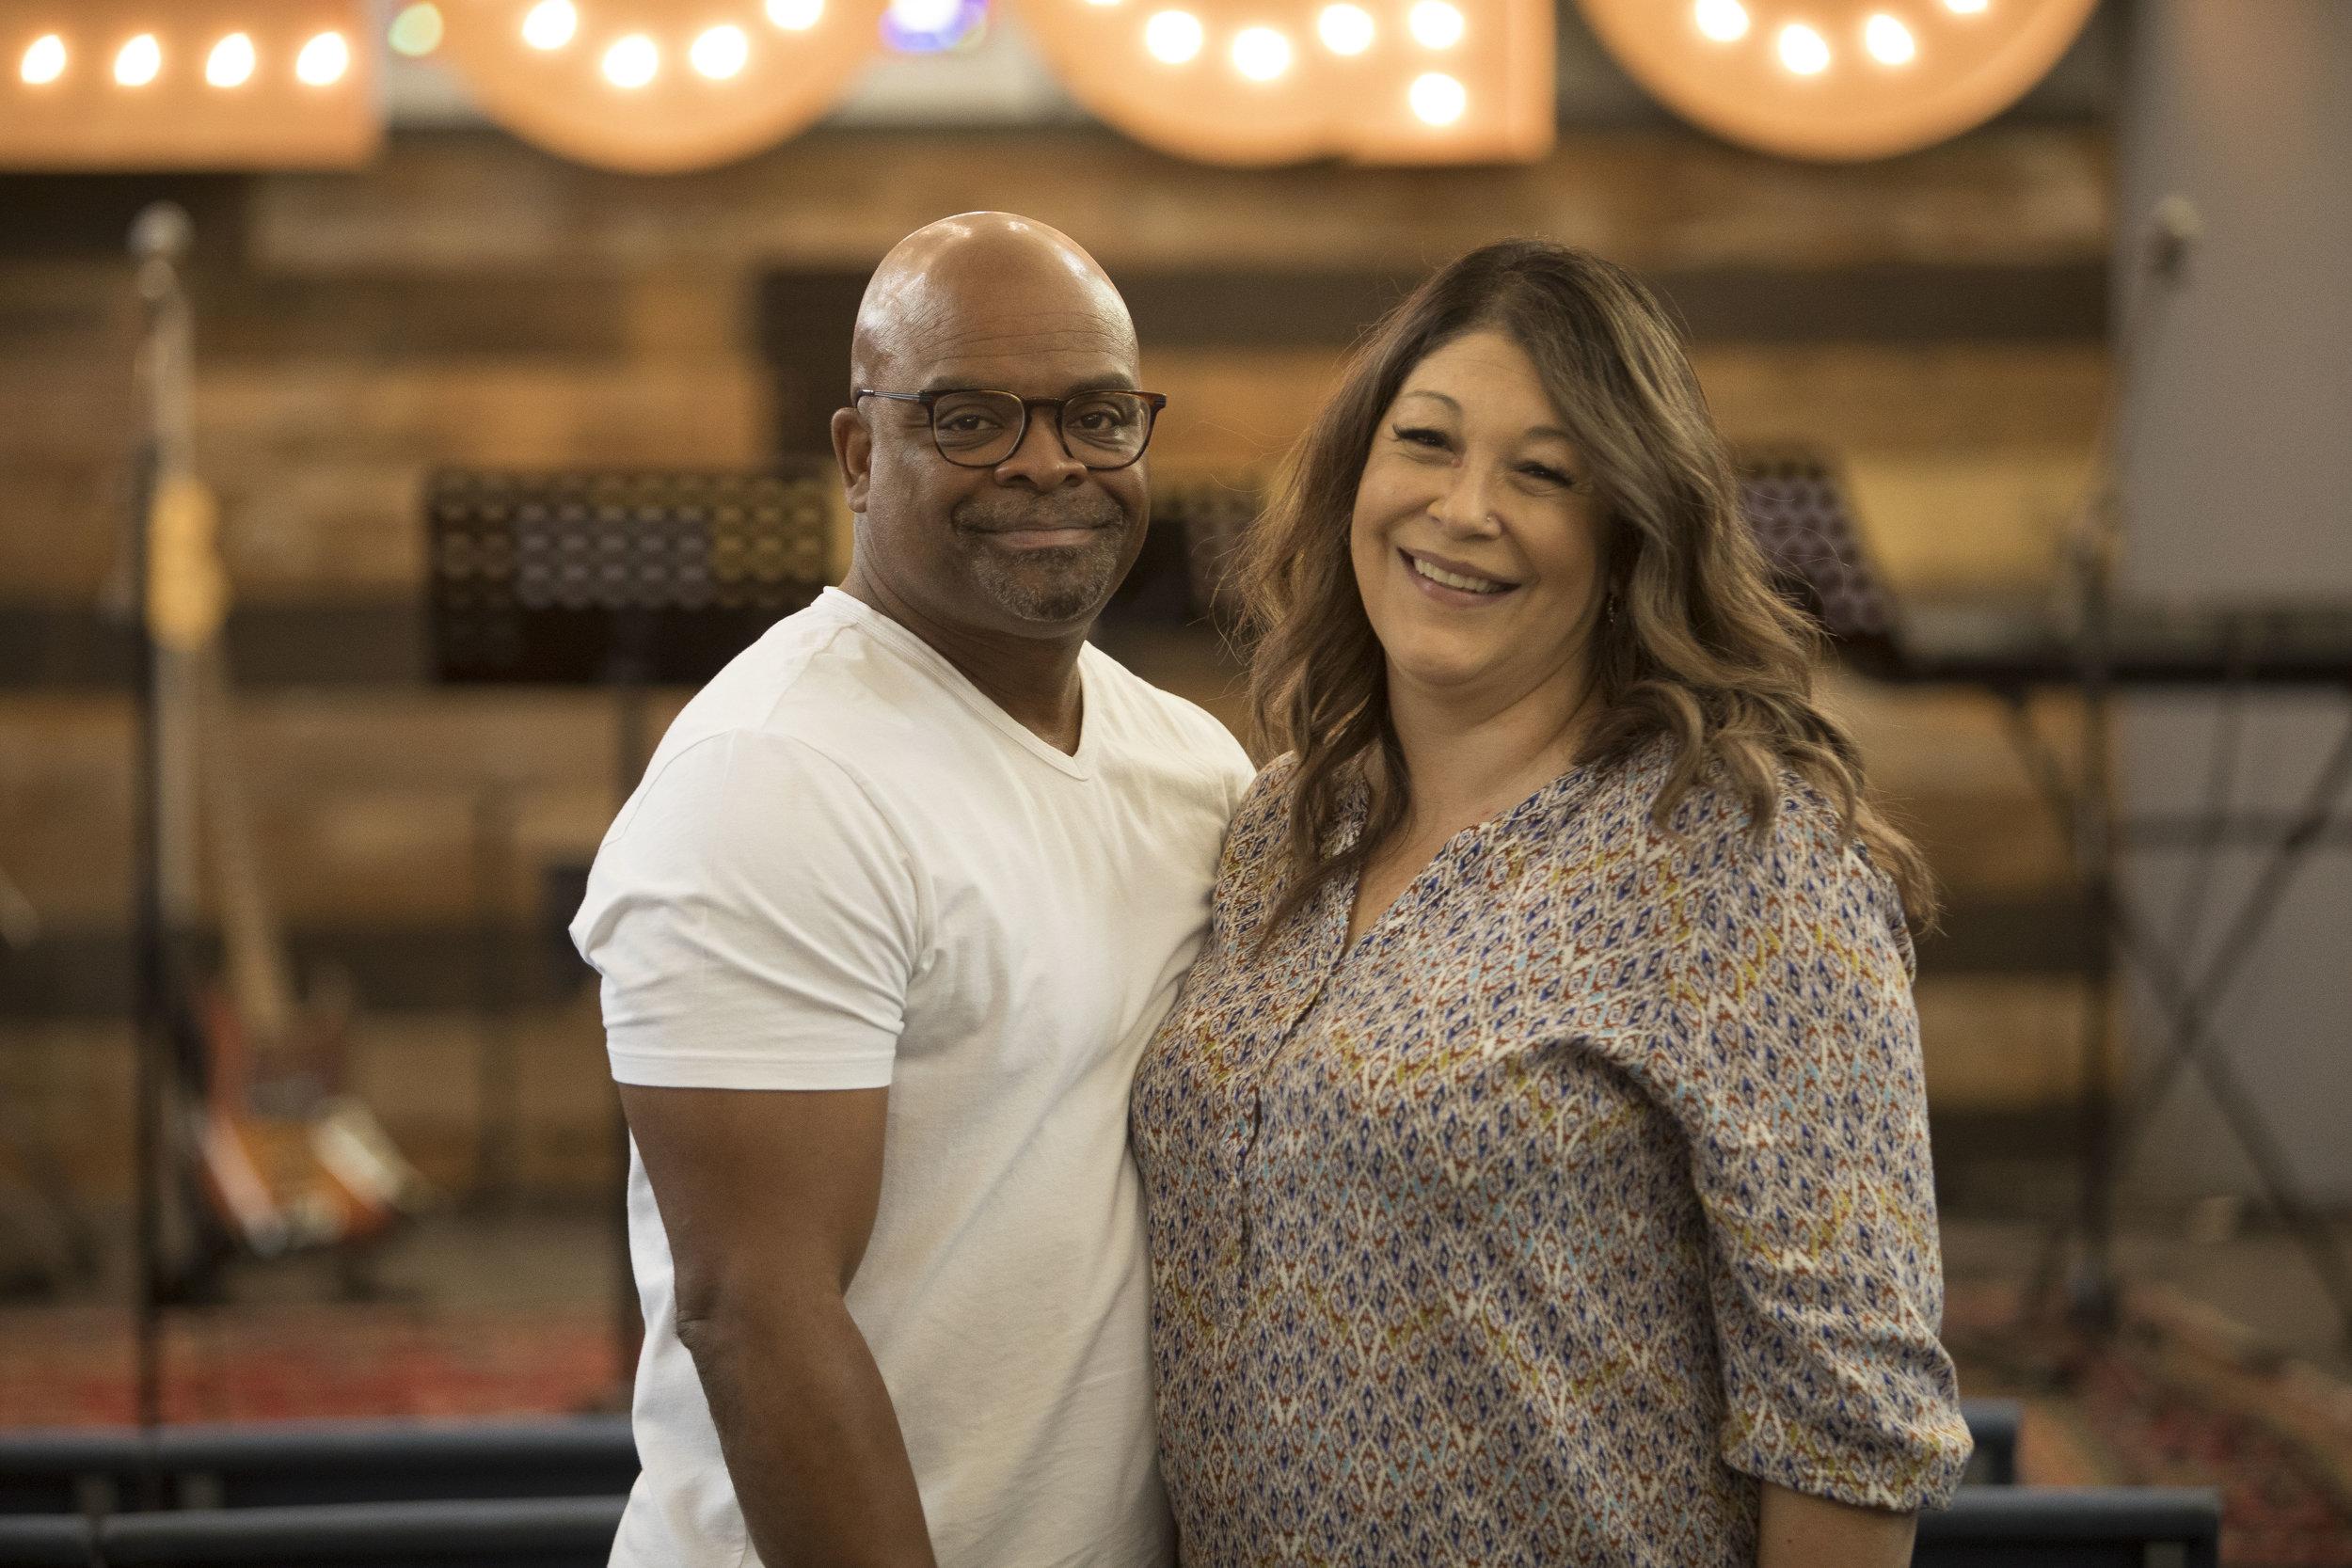 Ken & Annette - PICO RIVERA